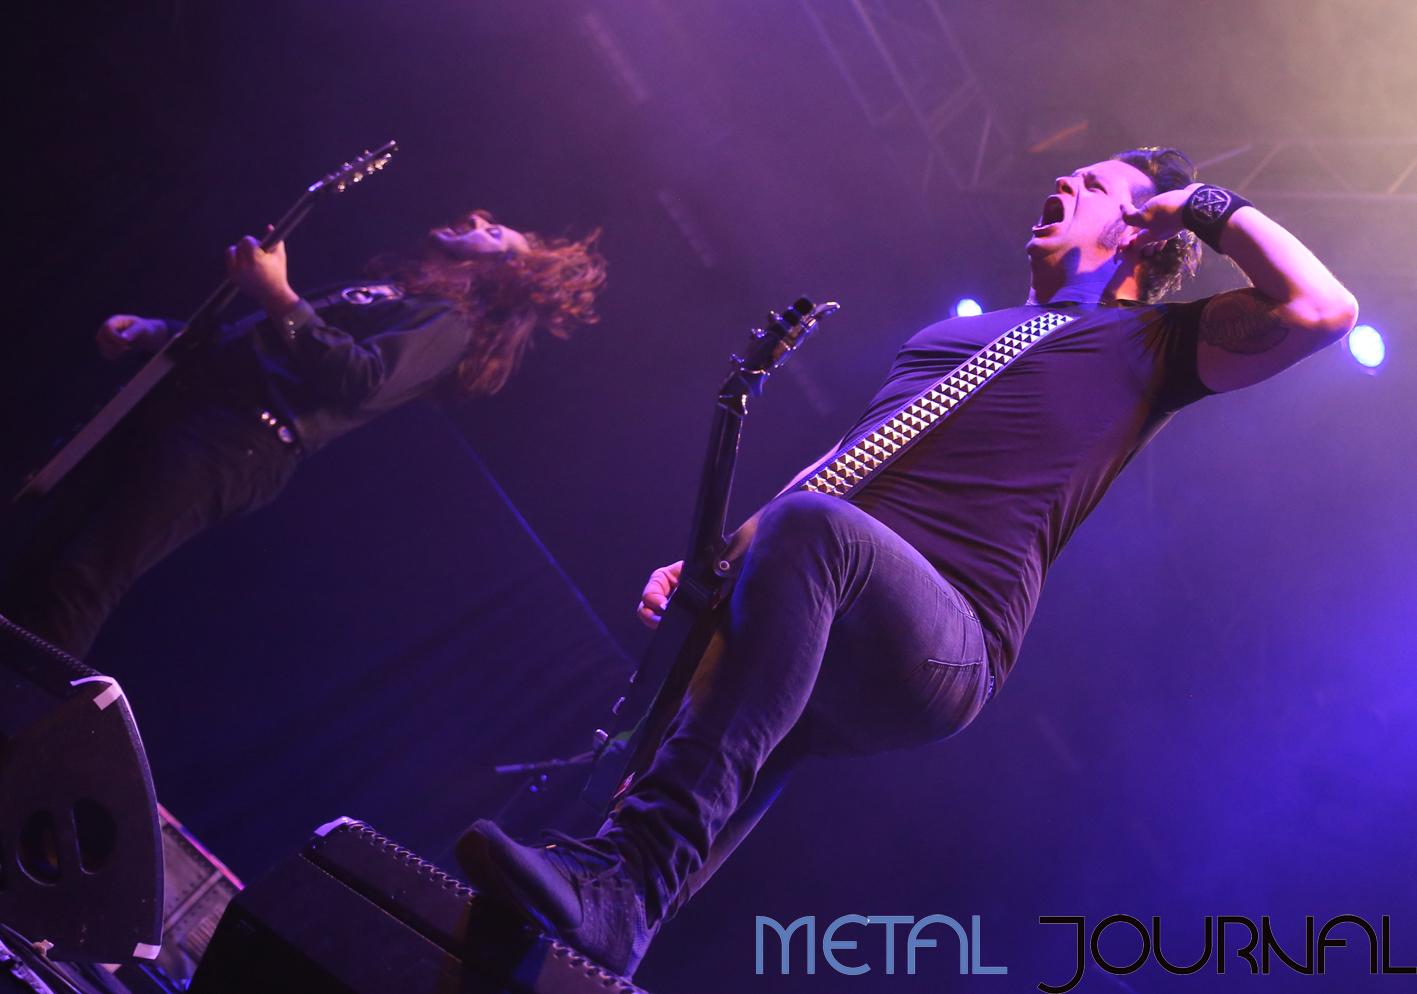 night demon - metal journal 2018 pic 6